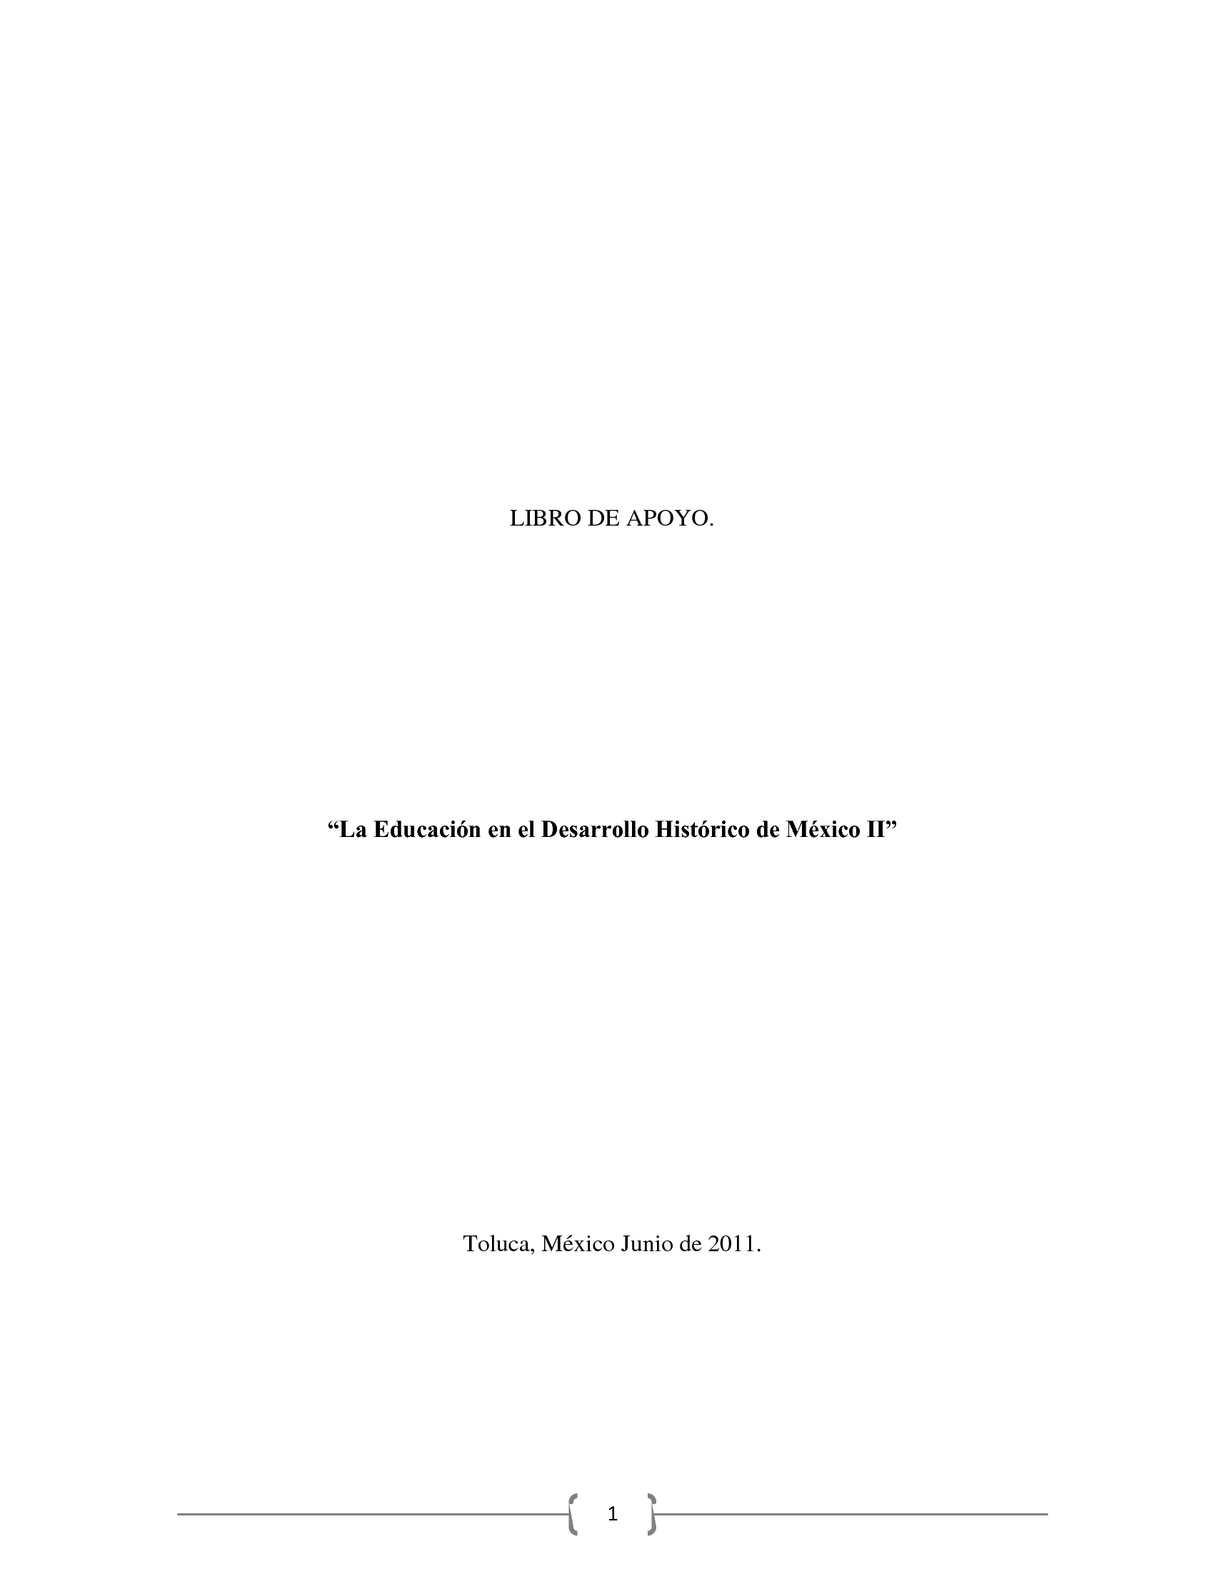 La Educación en el Desarrollo Histórico de México II